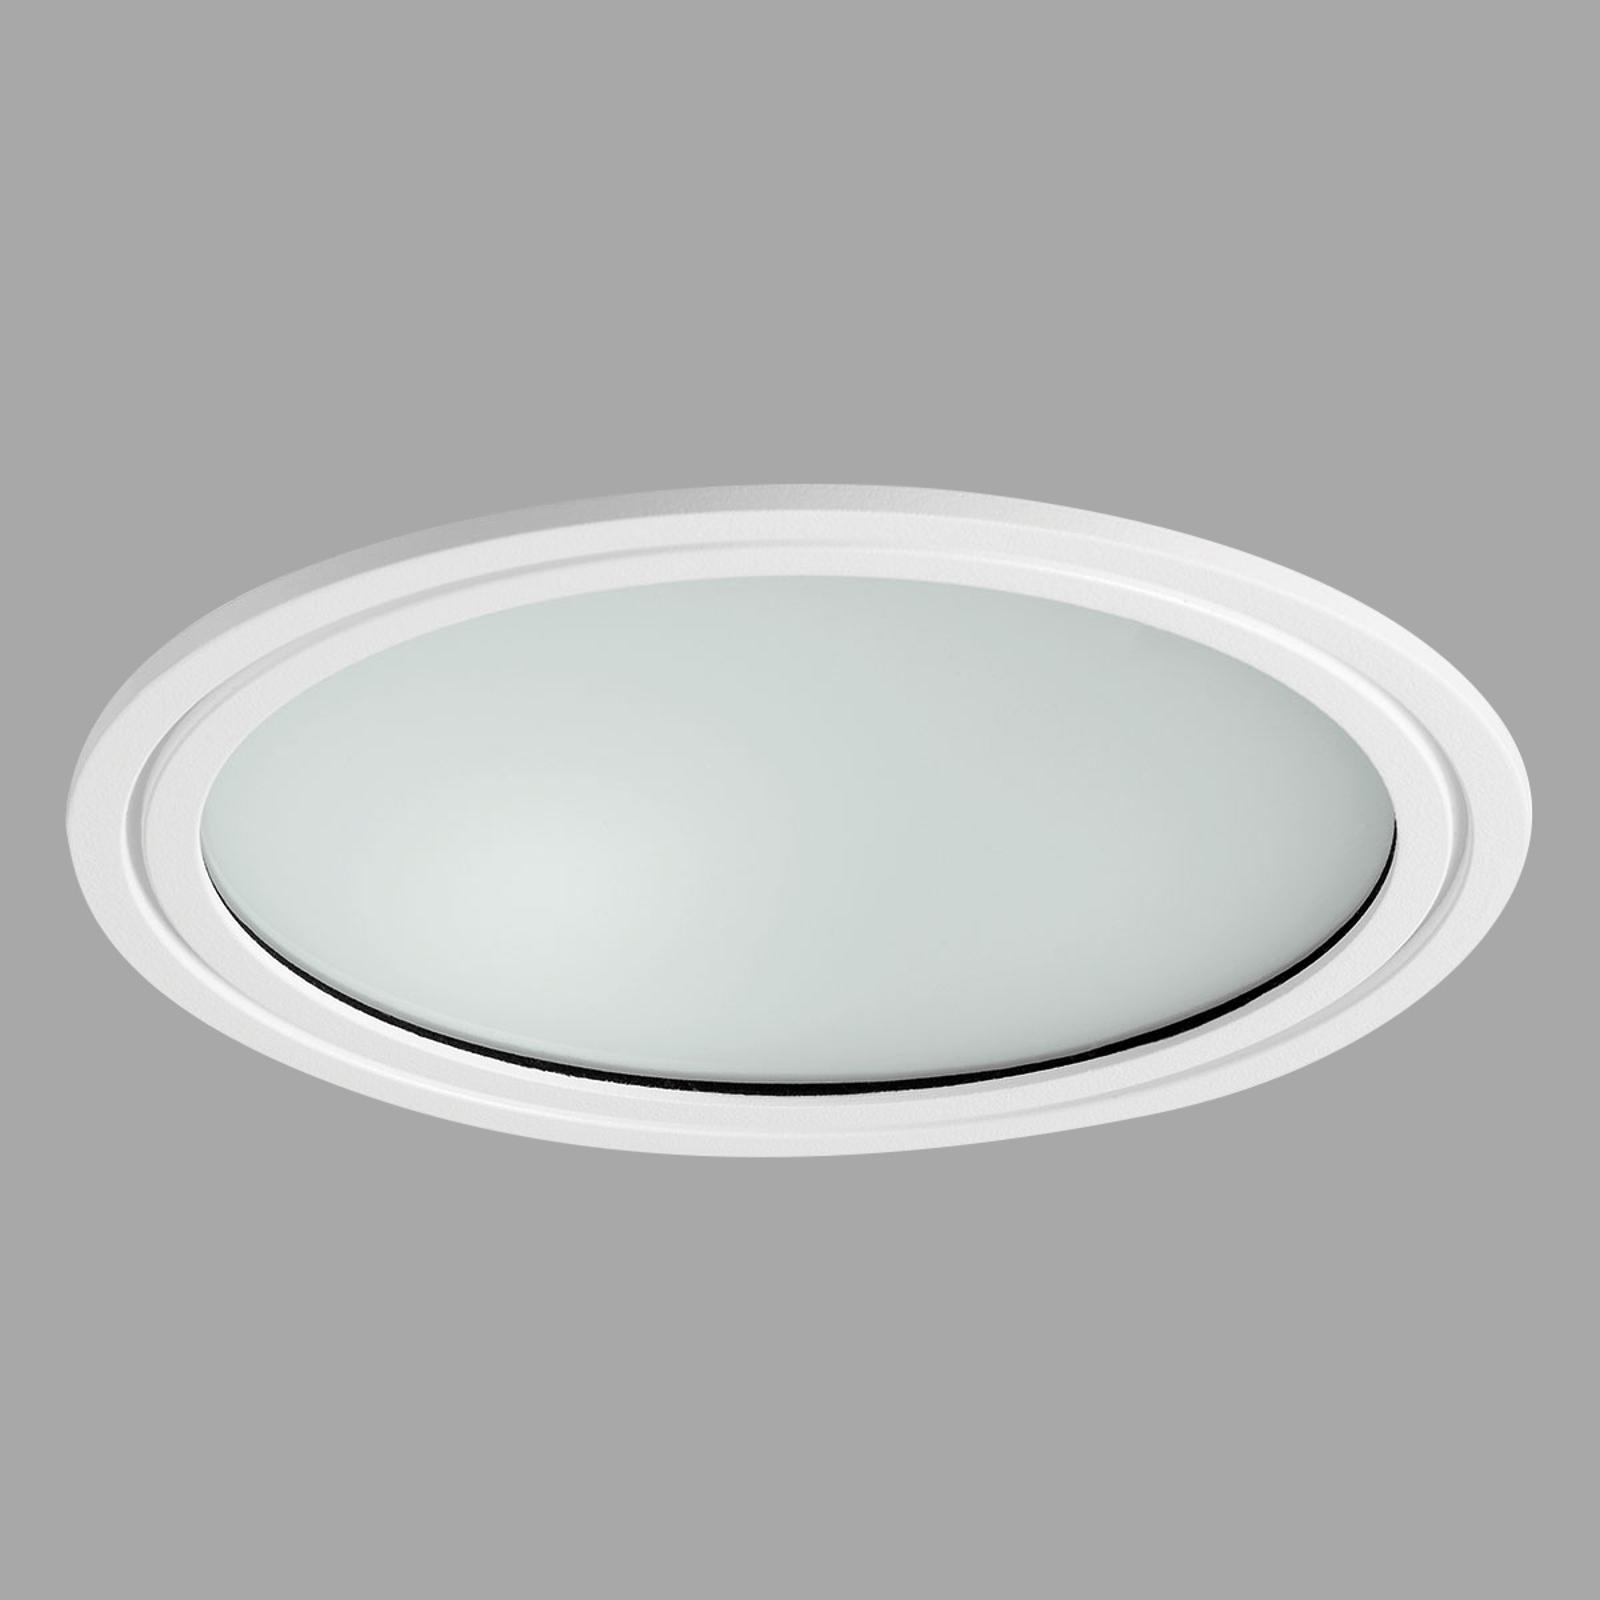 LED- uppovalaisin Prettus M PRO, 74°, 29W, 4 000 K